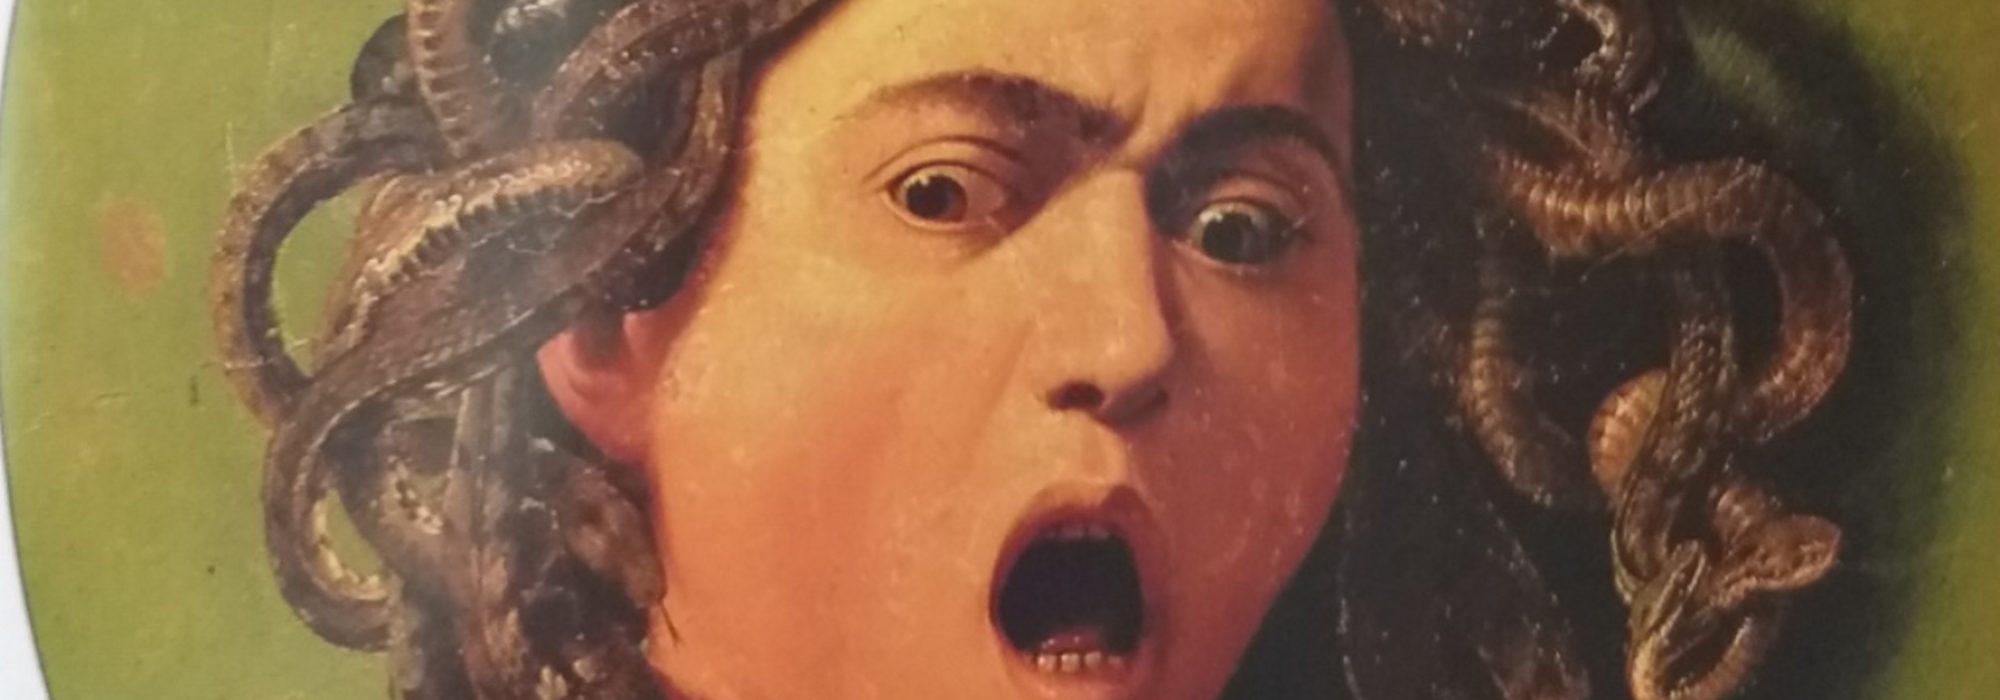 Imagem: Cabeça de Medusa (Caravaggio, 1596)